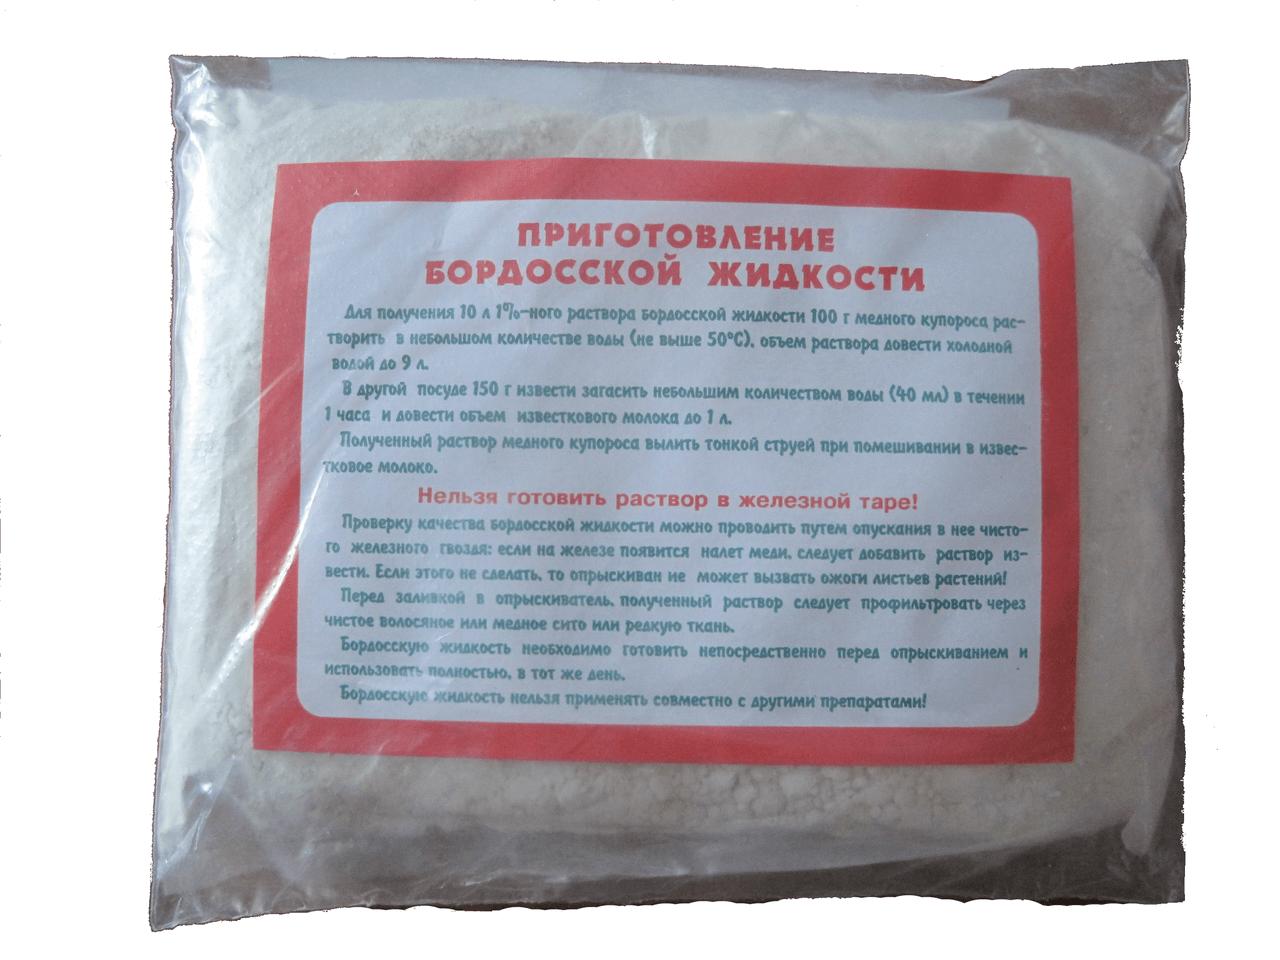 Бордосская жидкость, смесь: применение, обработка, приготовление, свойства